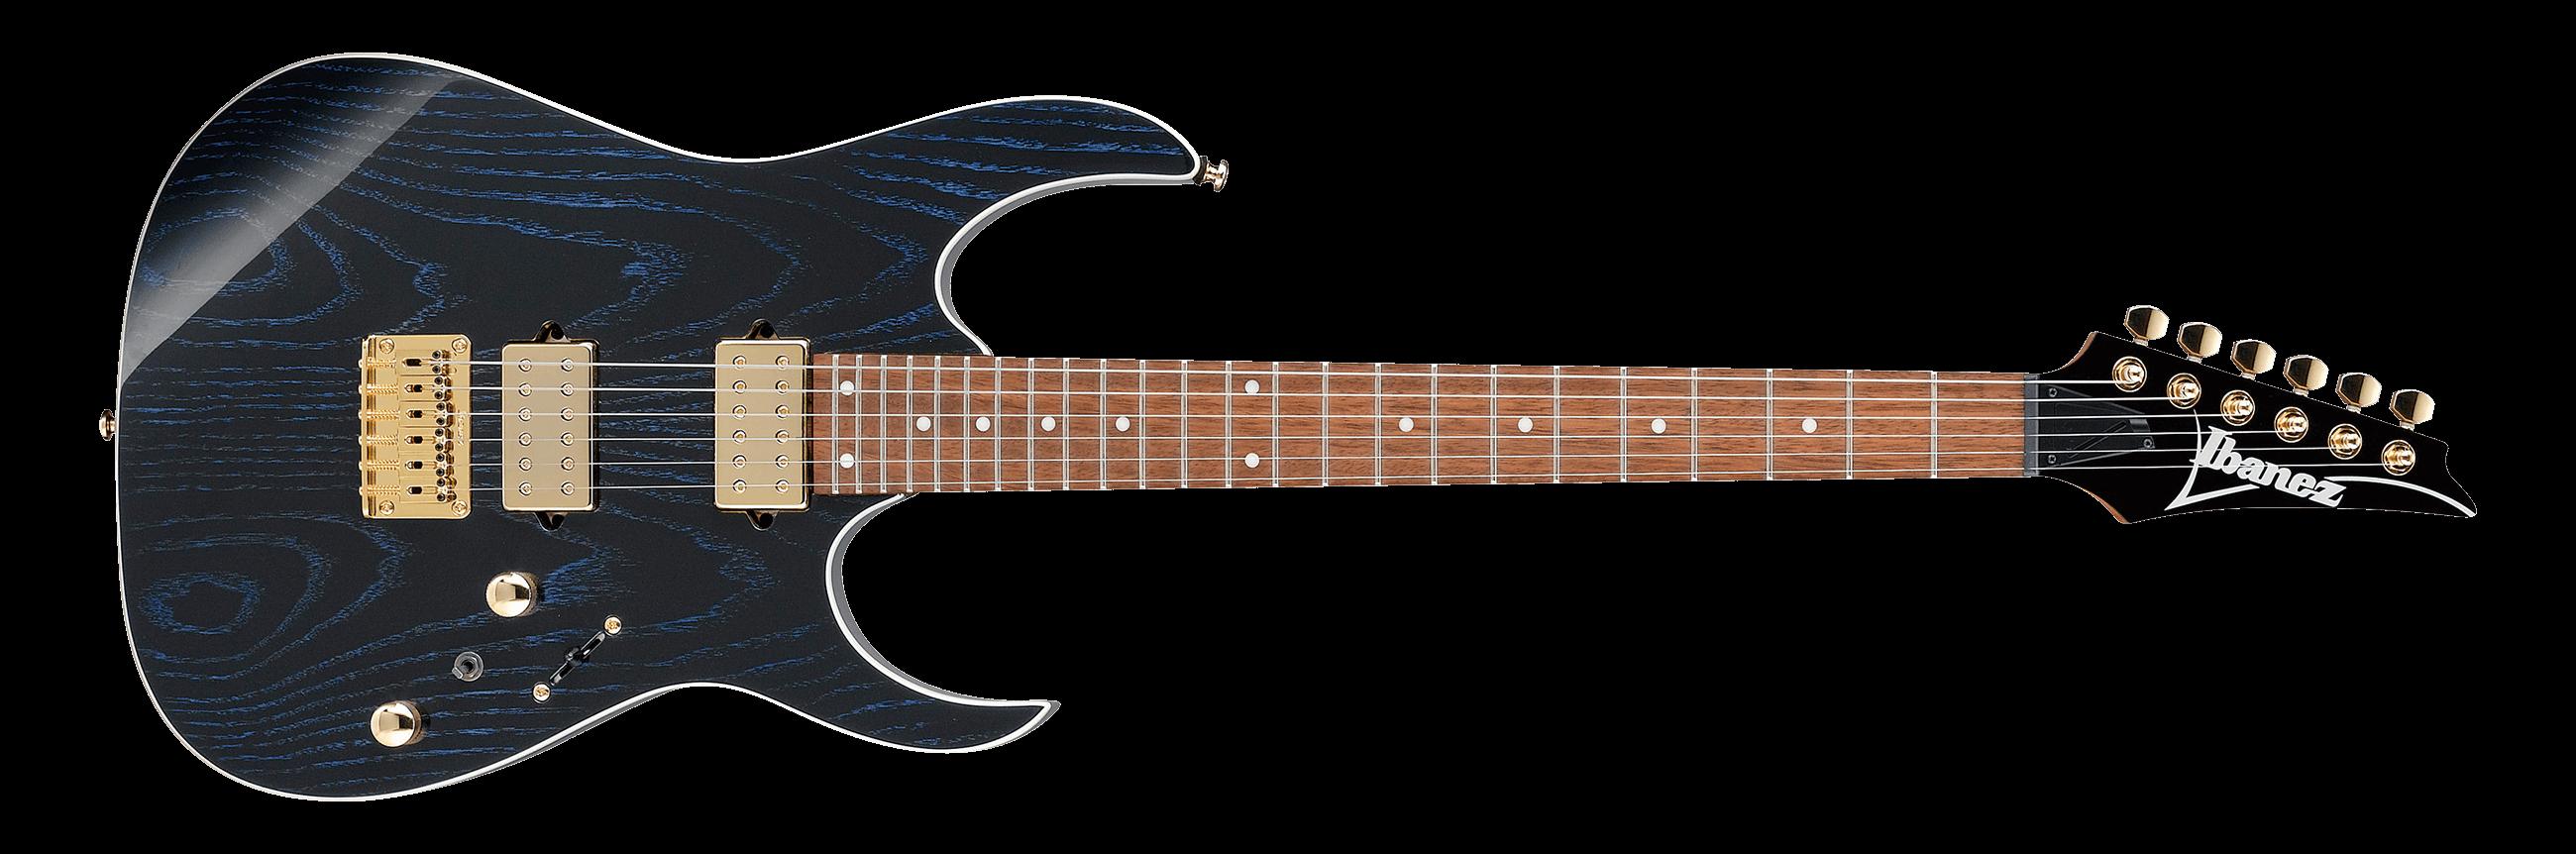 RG421HPAH Ibanez guitars Ngựa đàn điện (Cố định)